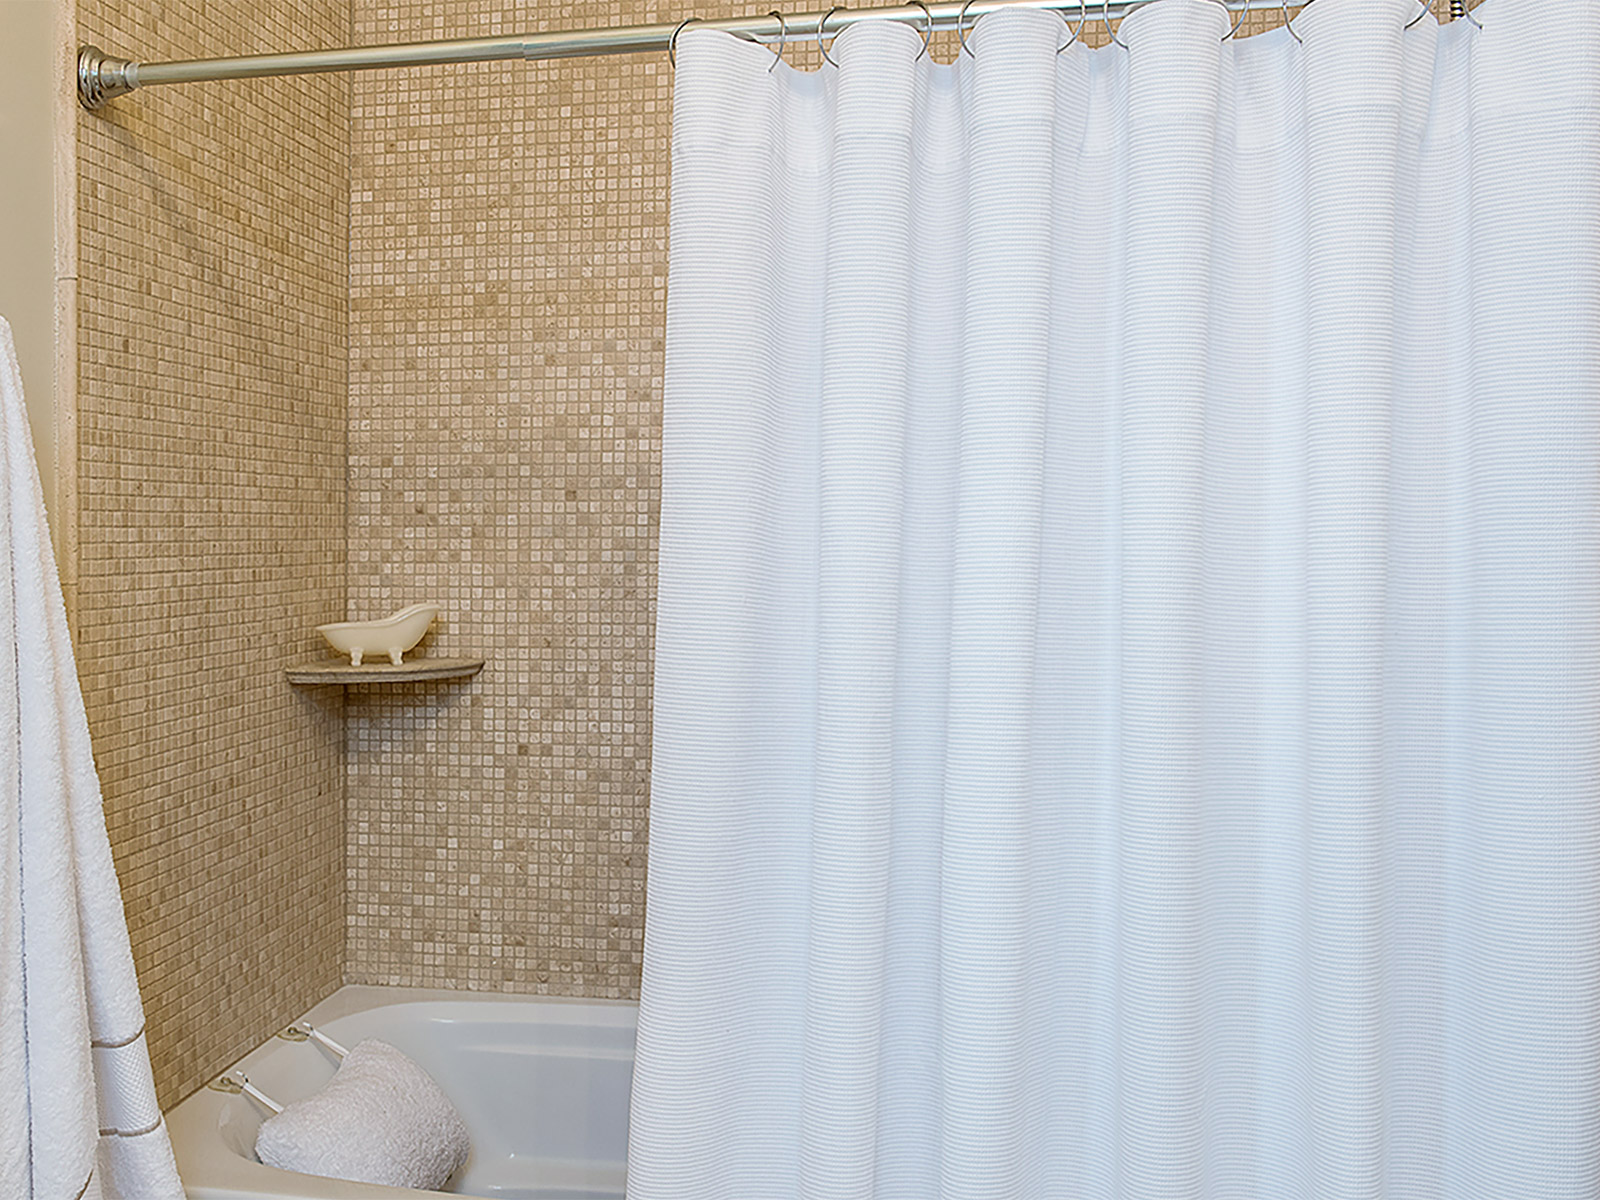 Ankara Luxury Shower Curtains Luxury Bath Accessories Luxury Bath Linen Schweitzer Linen